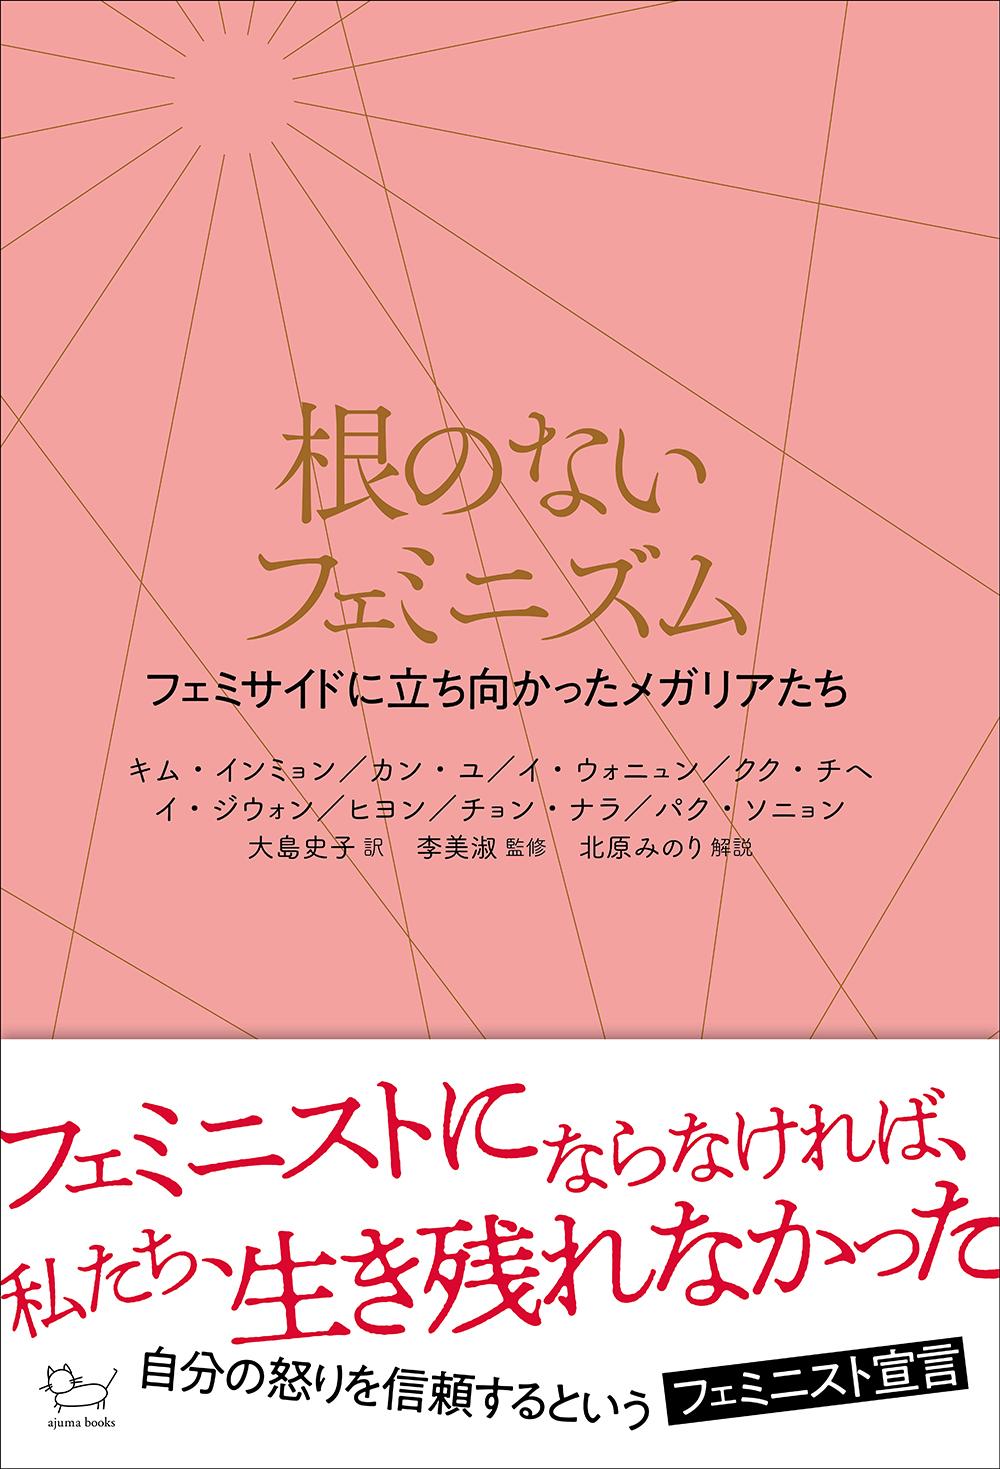 アジュマブックス「根のないフェミニズム フェミサイドに立ち向かったメガリアたち」トークイベント公開しました。